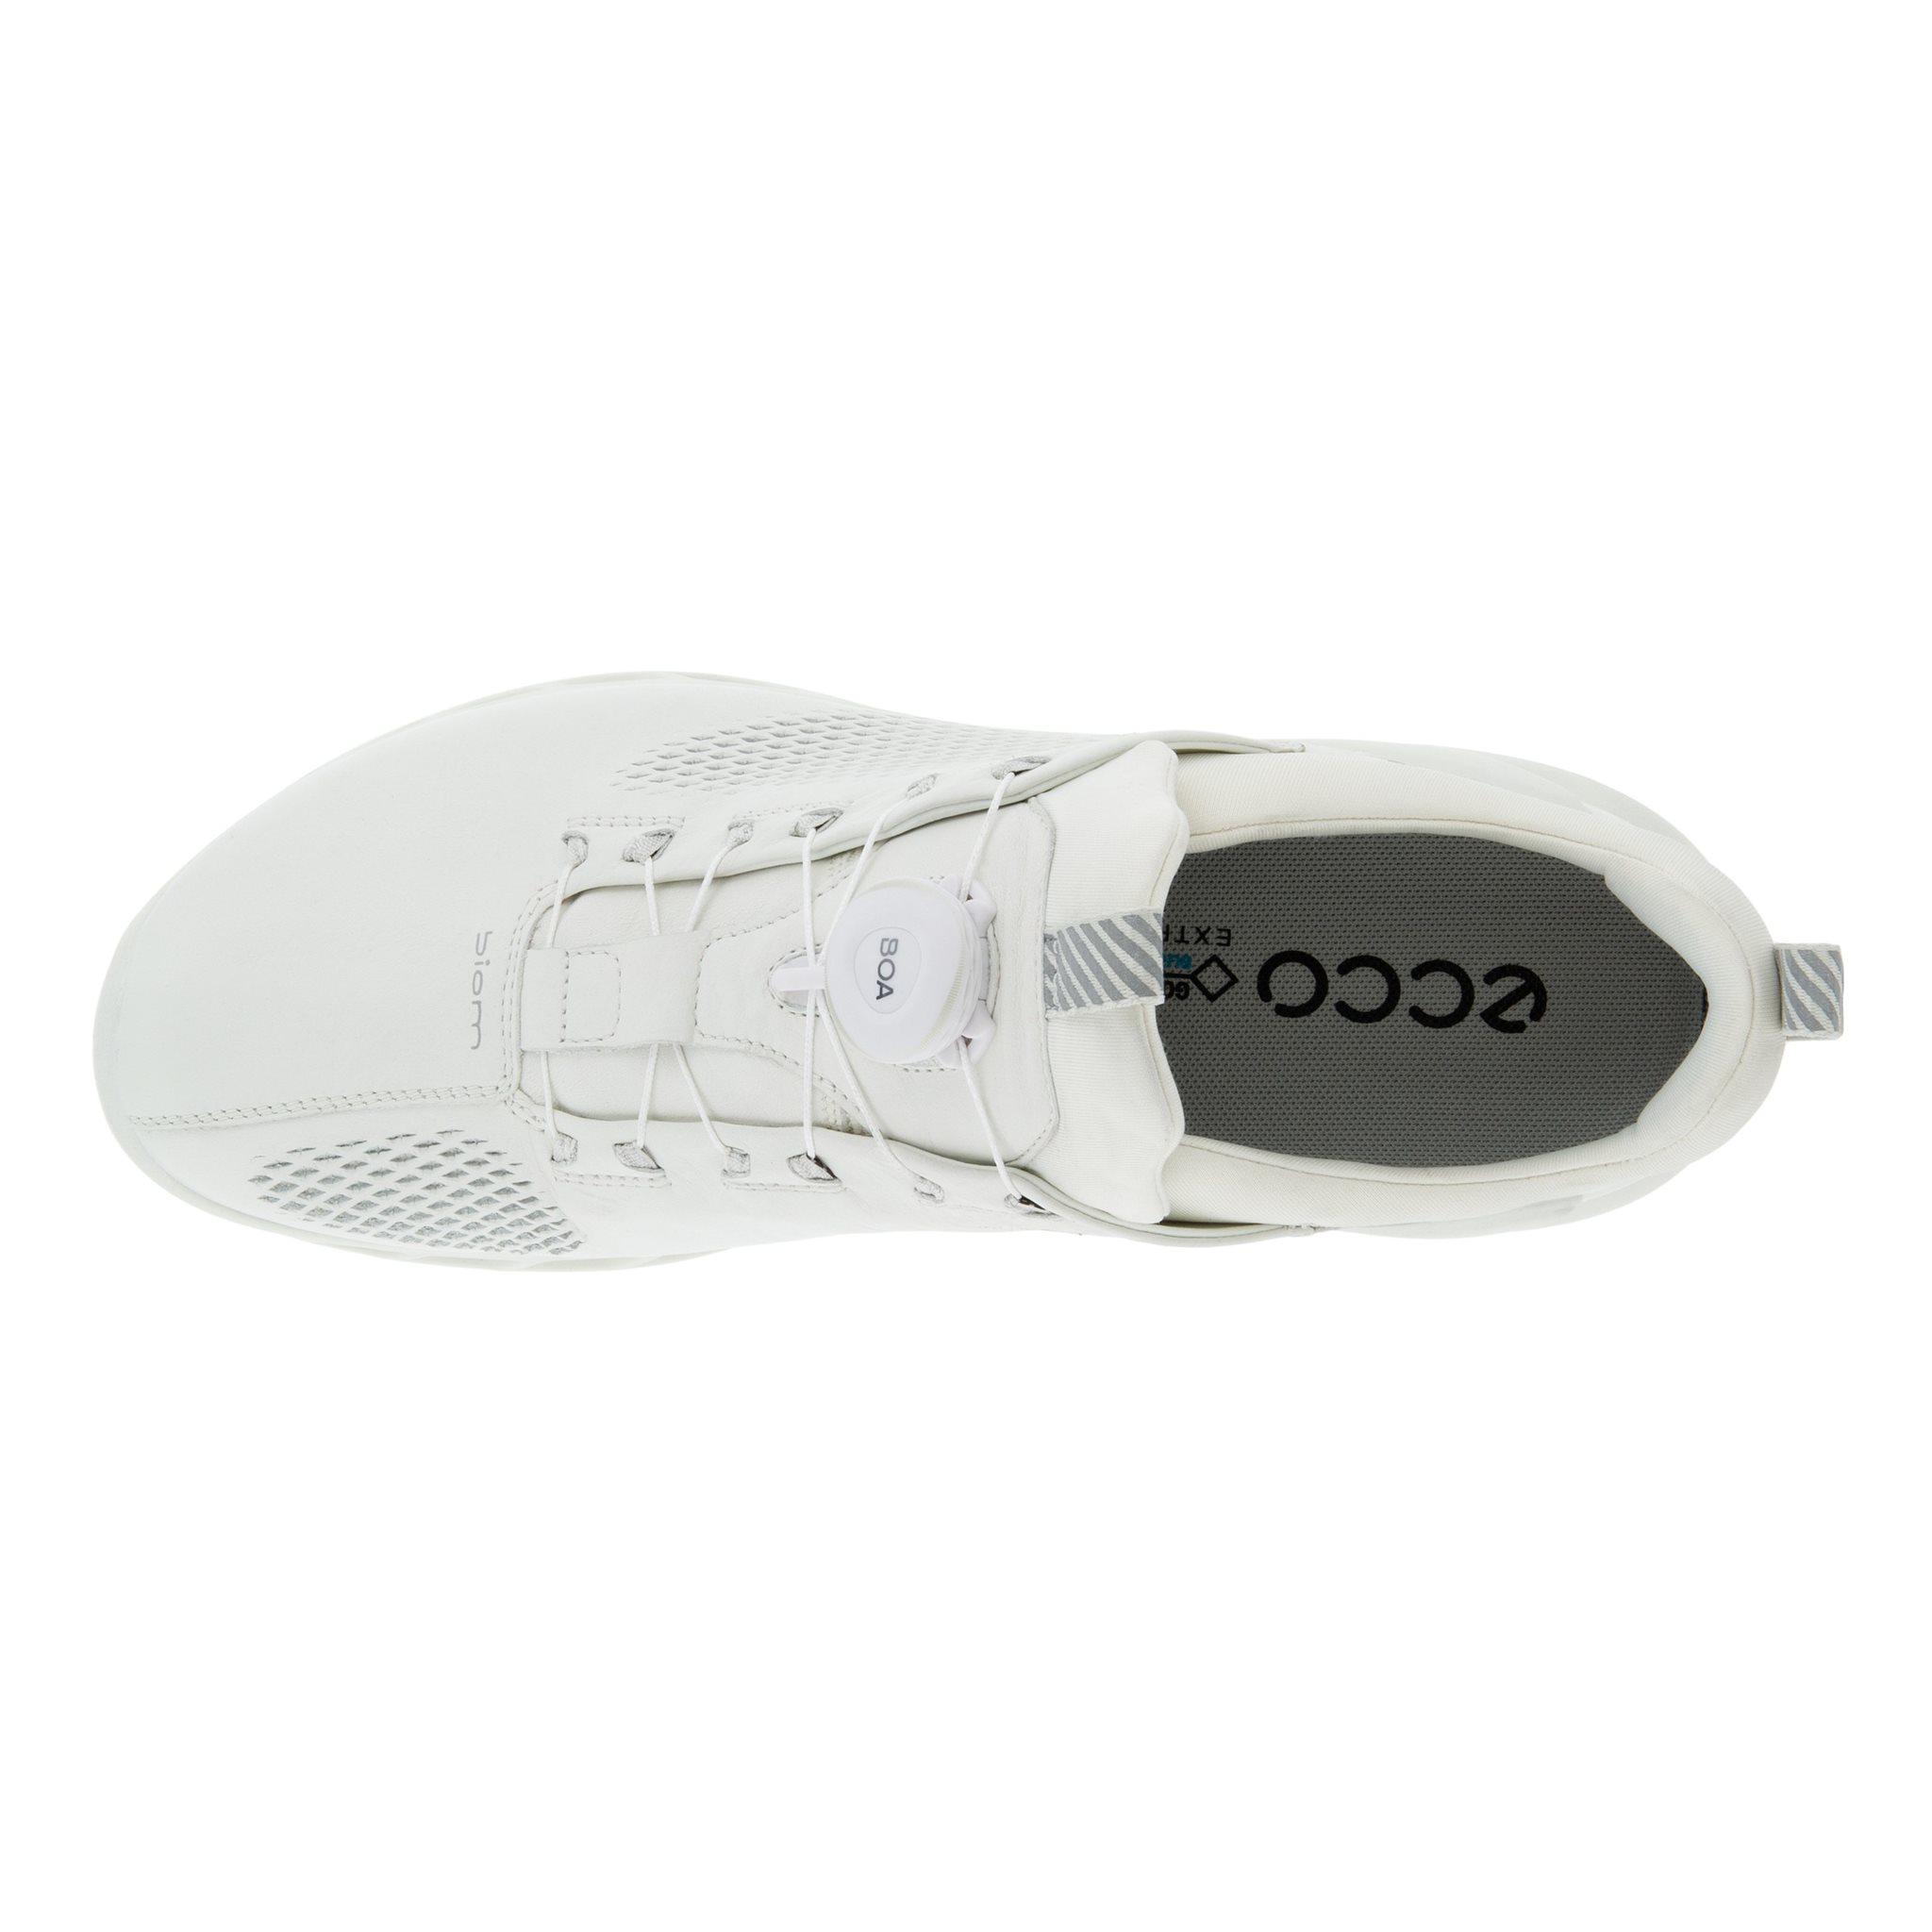 Ecco heren golfschoenen Biom Cool Pro BOA wit yakleer